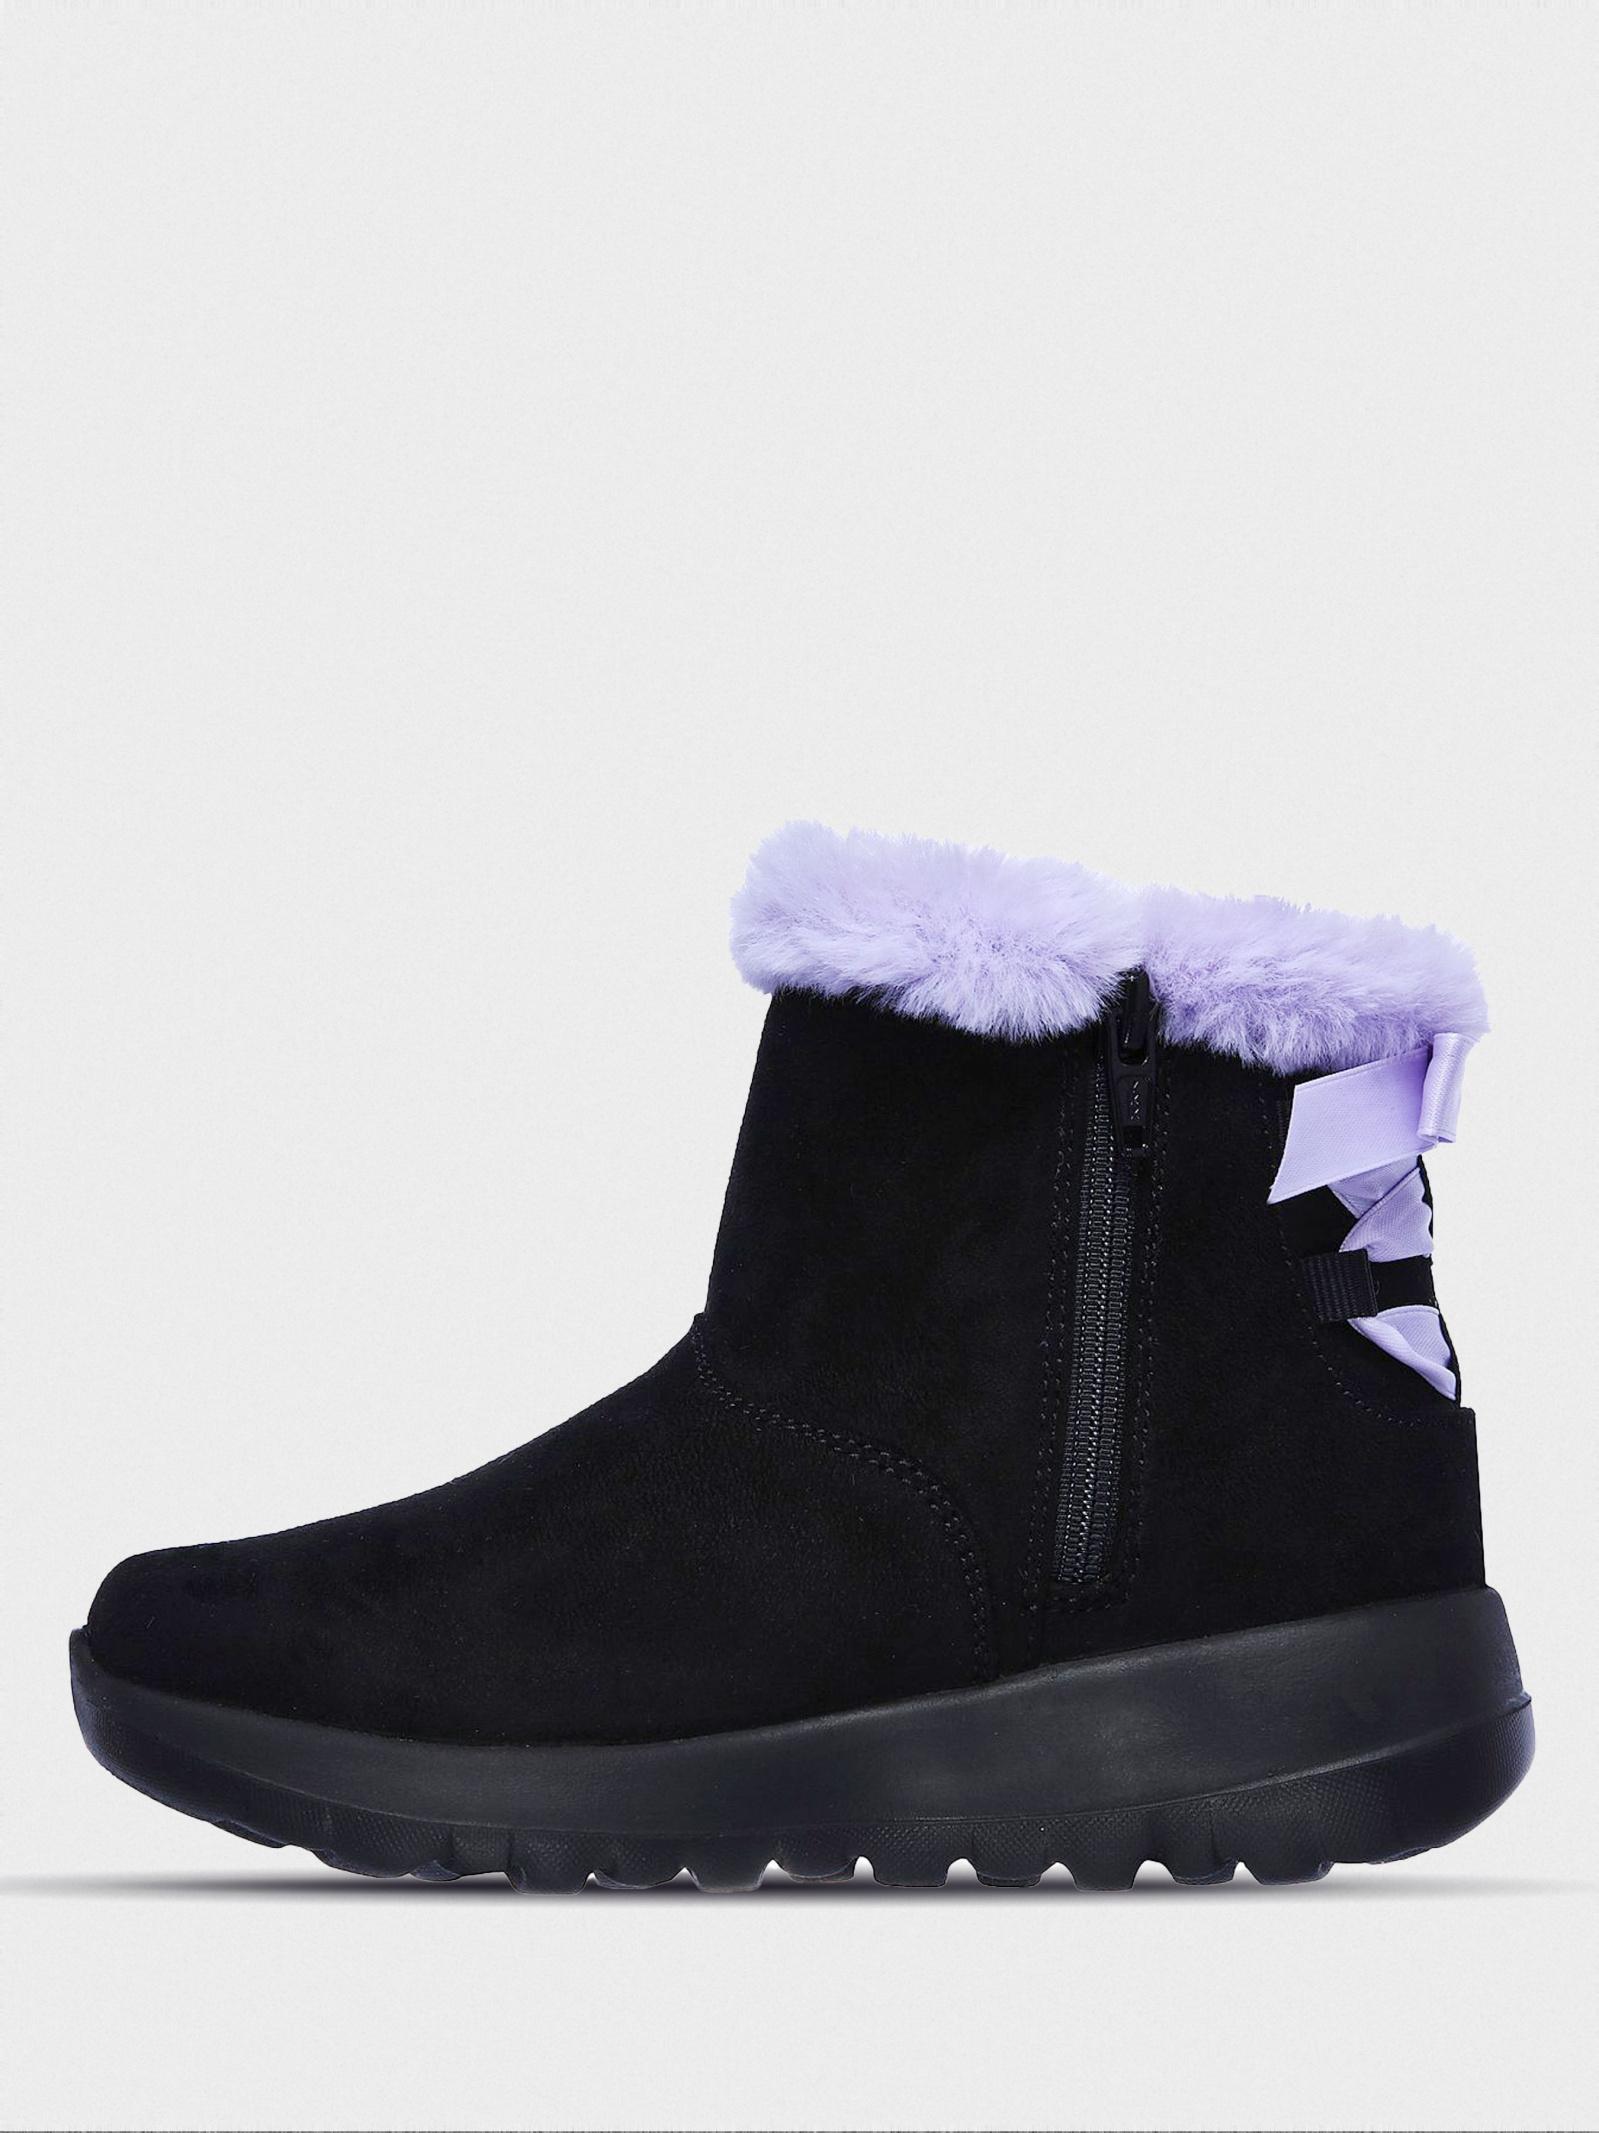 Черевики  для дітей Skechers 88320L BKLV брендове взуття, 2017